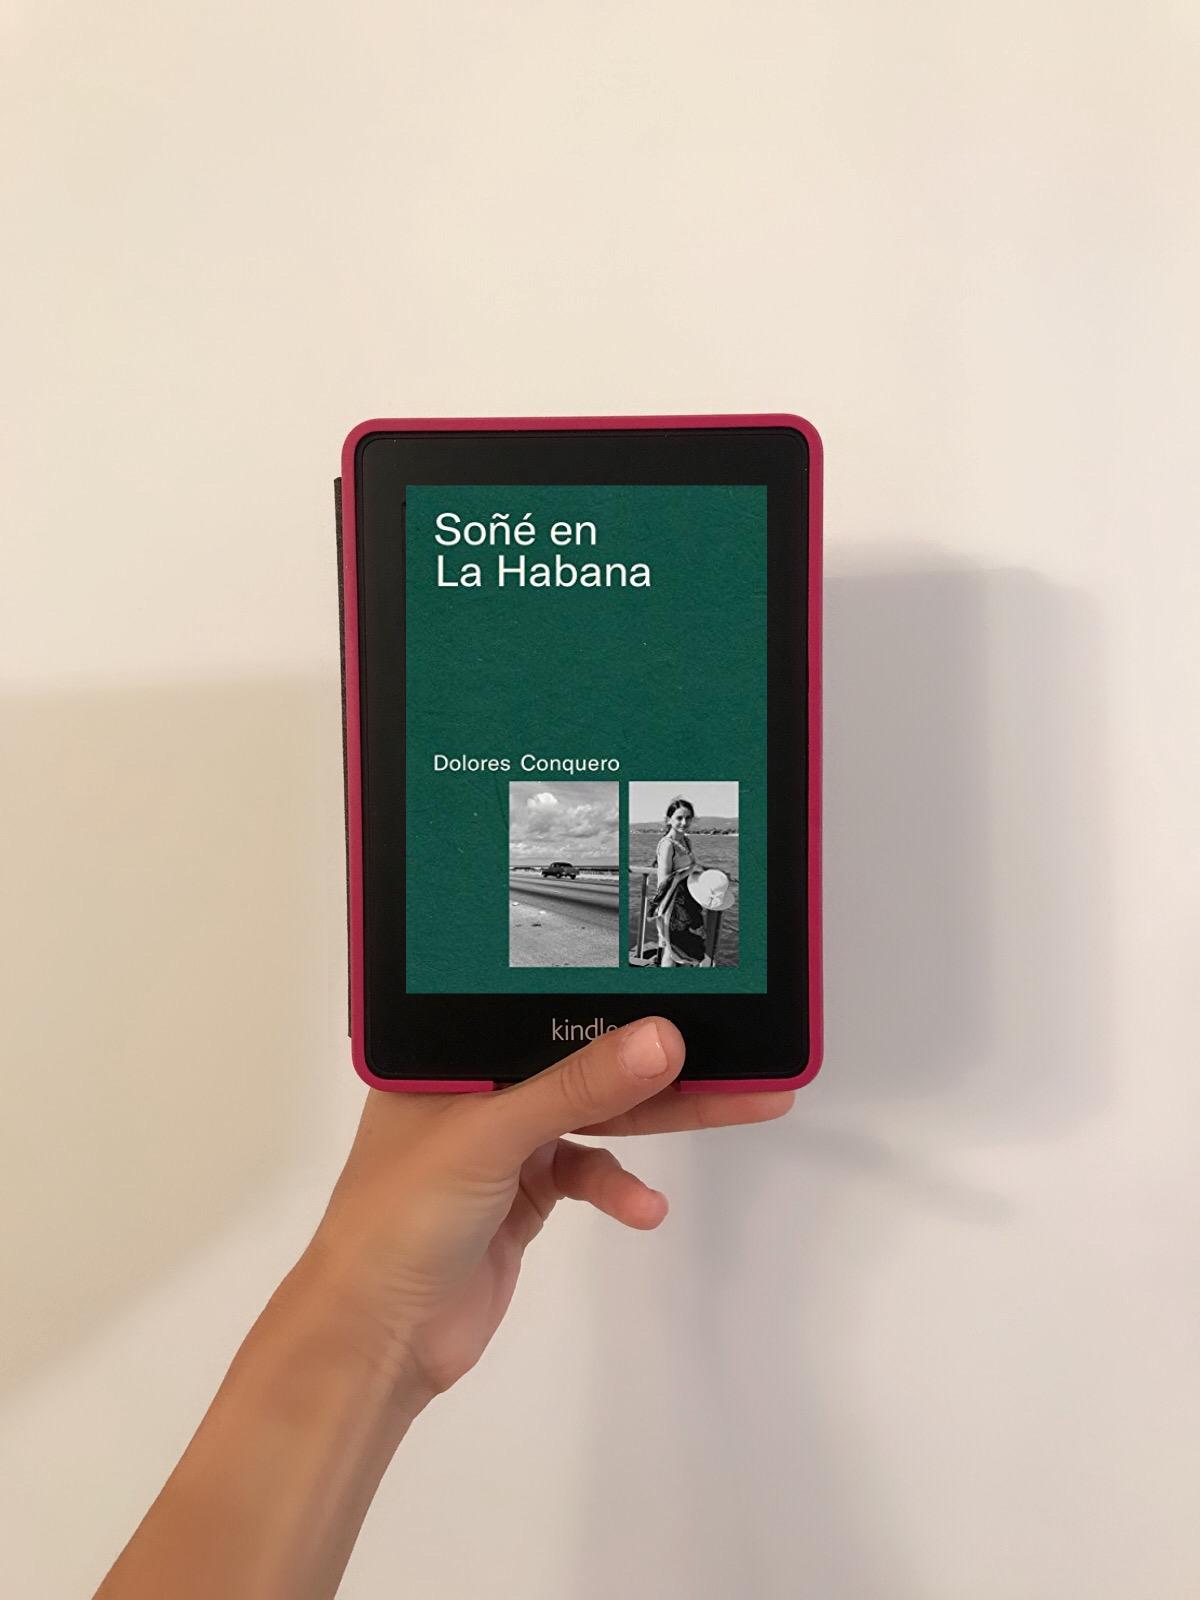 SOÑÉ EN LA HABANA, de Dolores Conquero